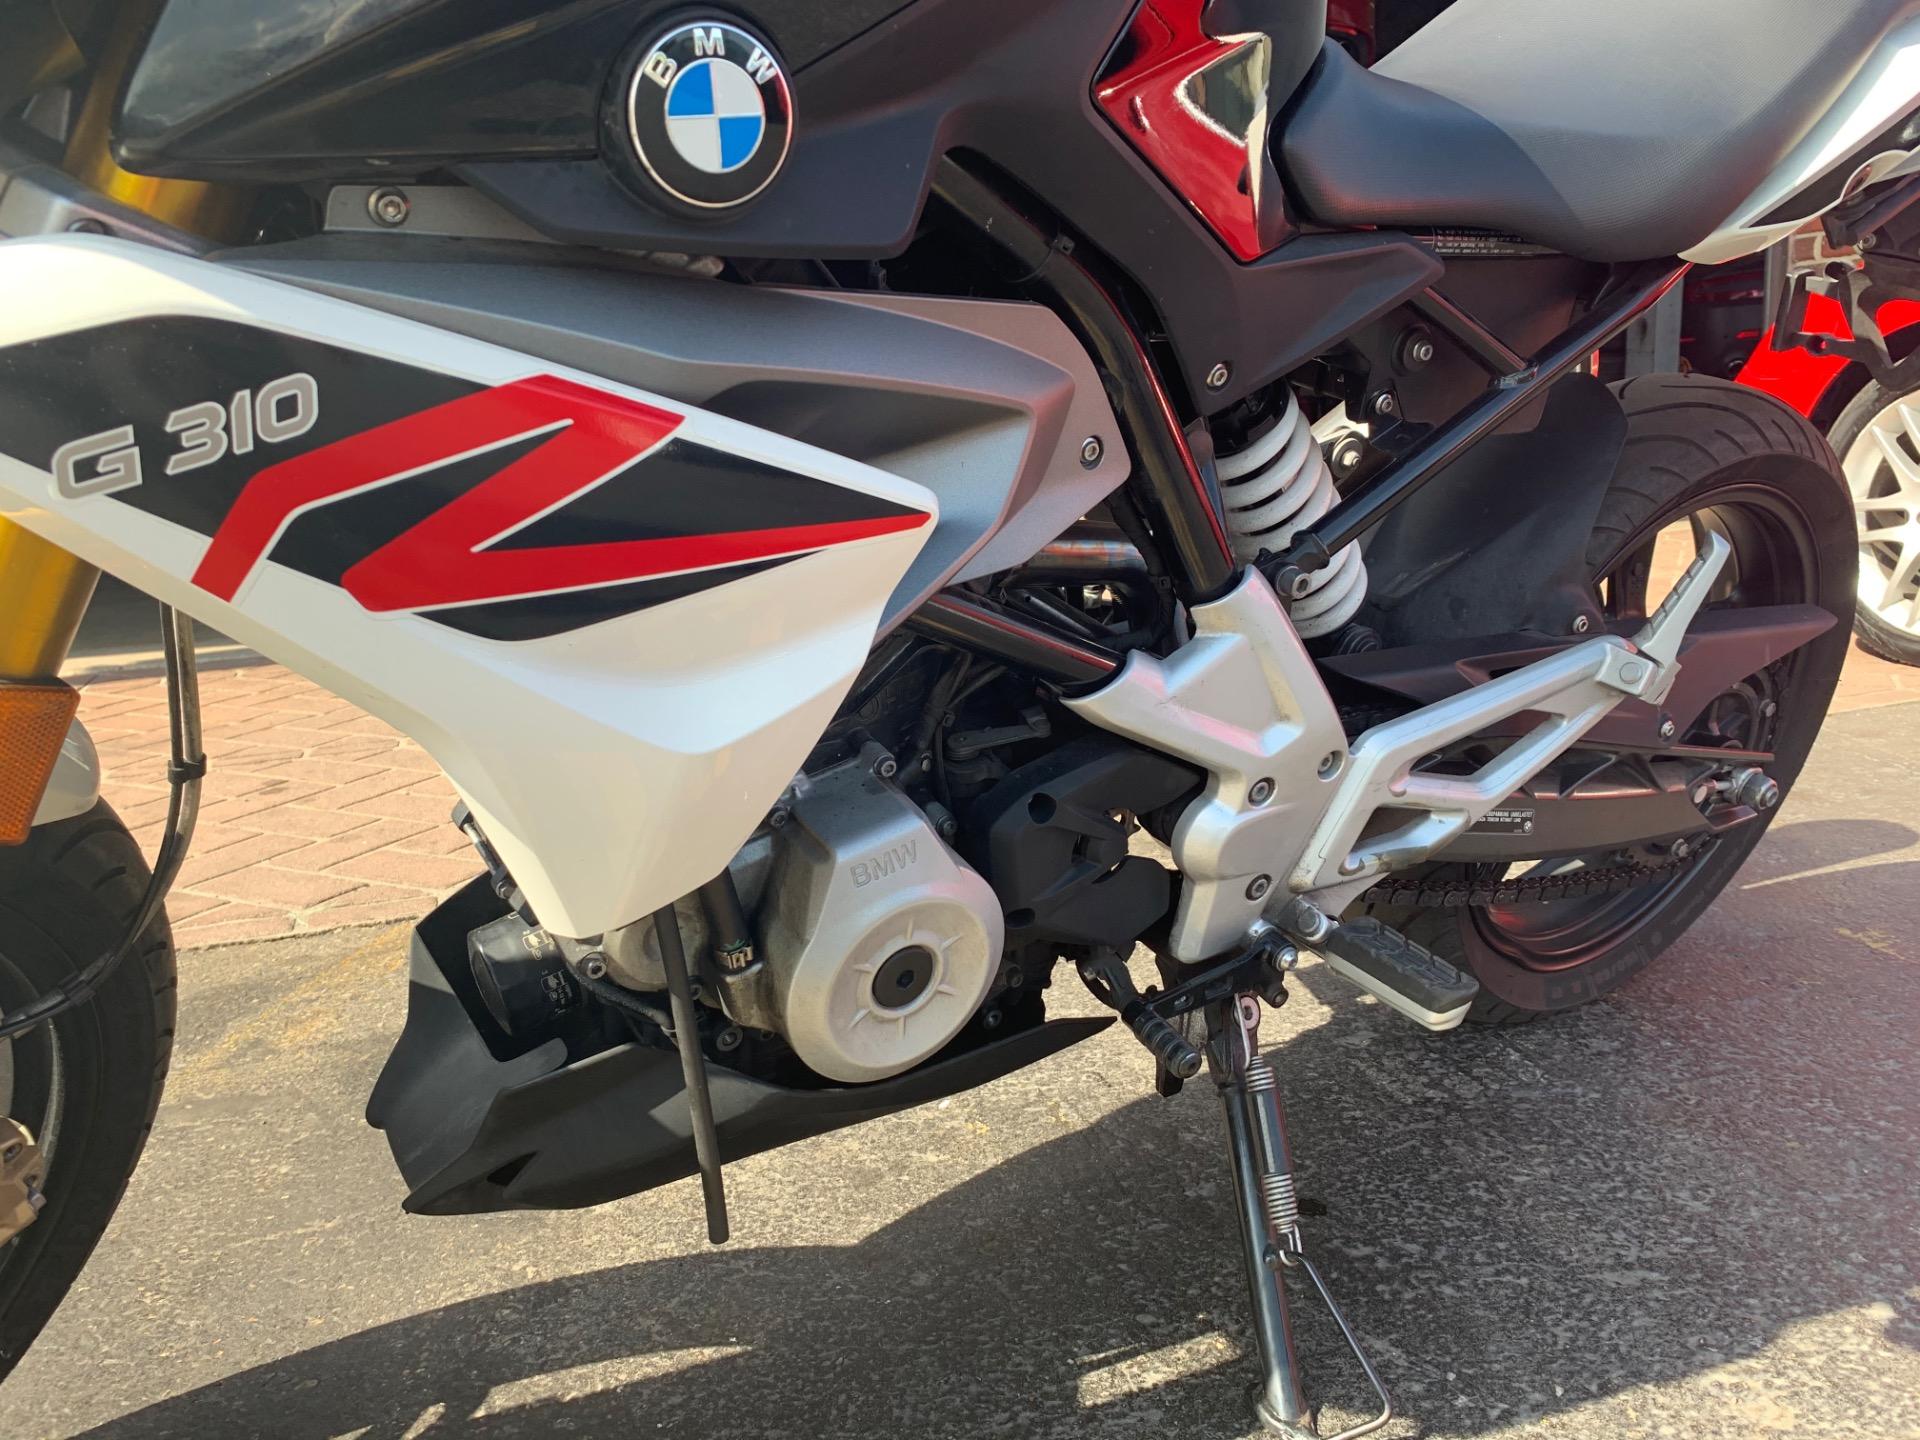 Used-2018-BMW-G310R